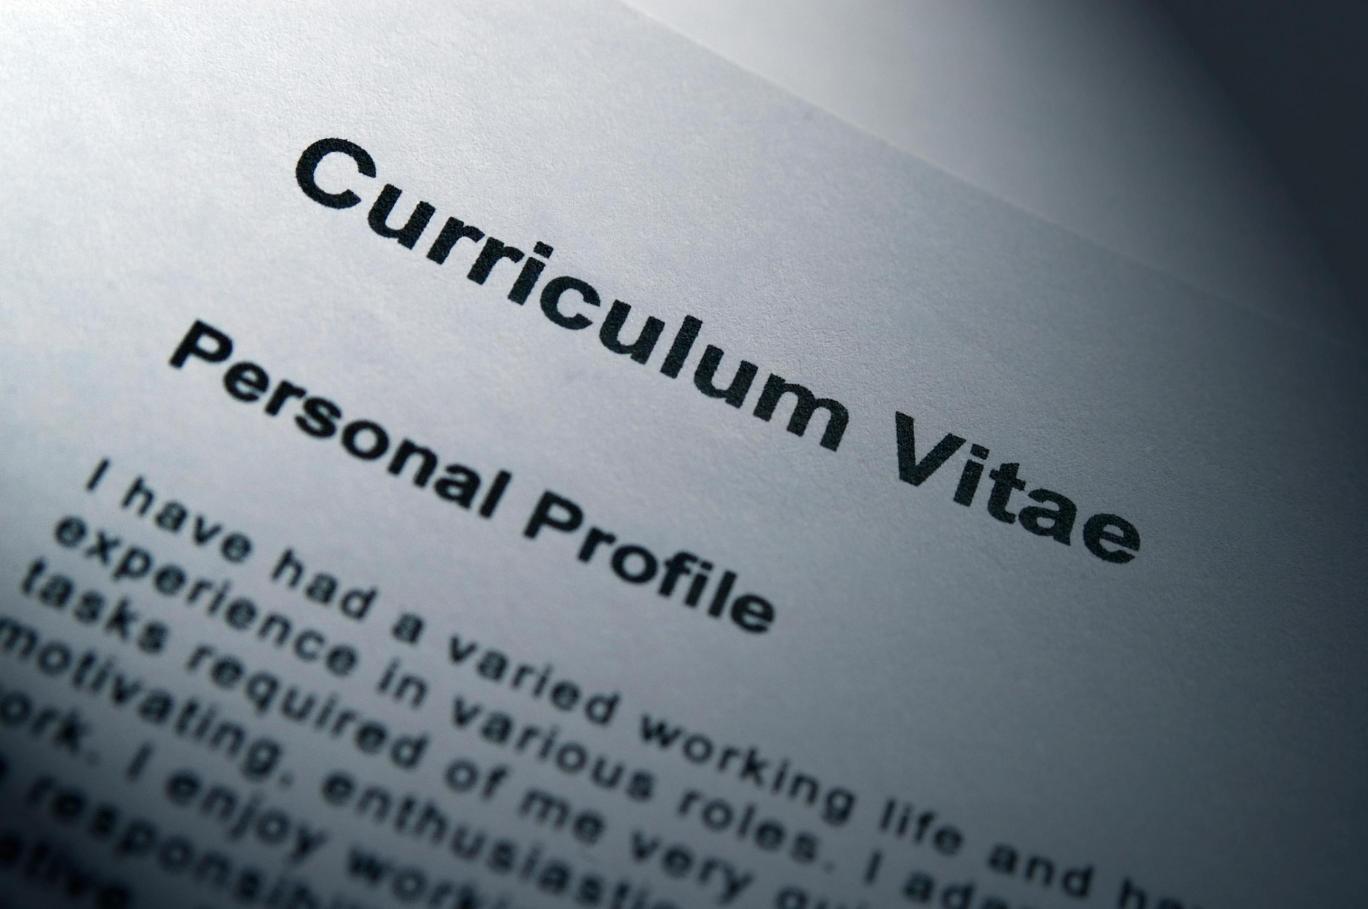 curriculum-vitae-tips